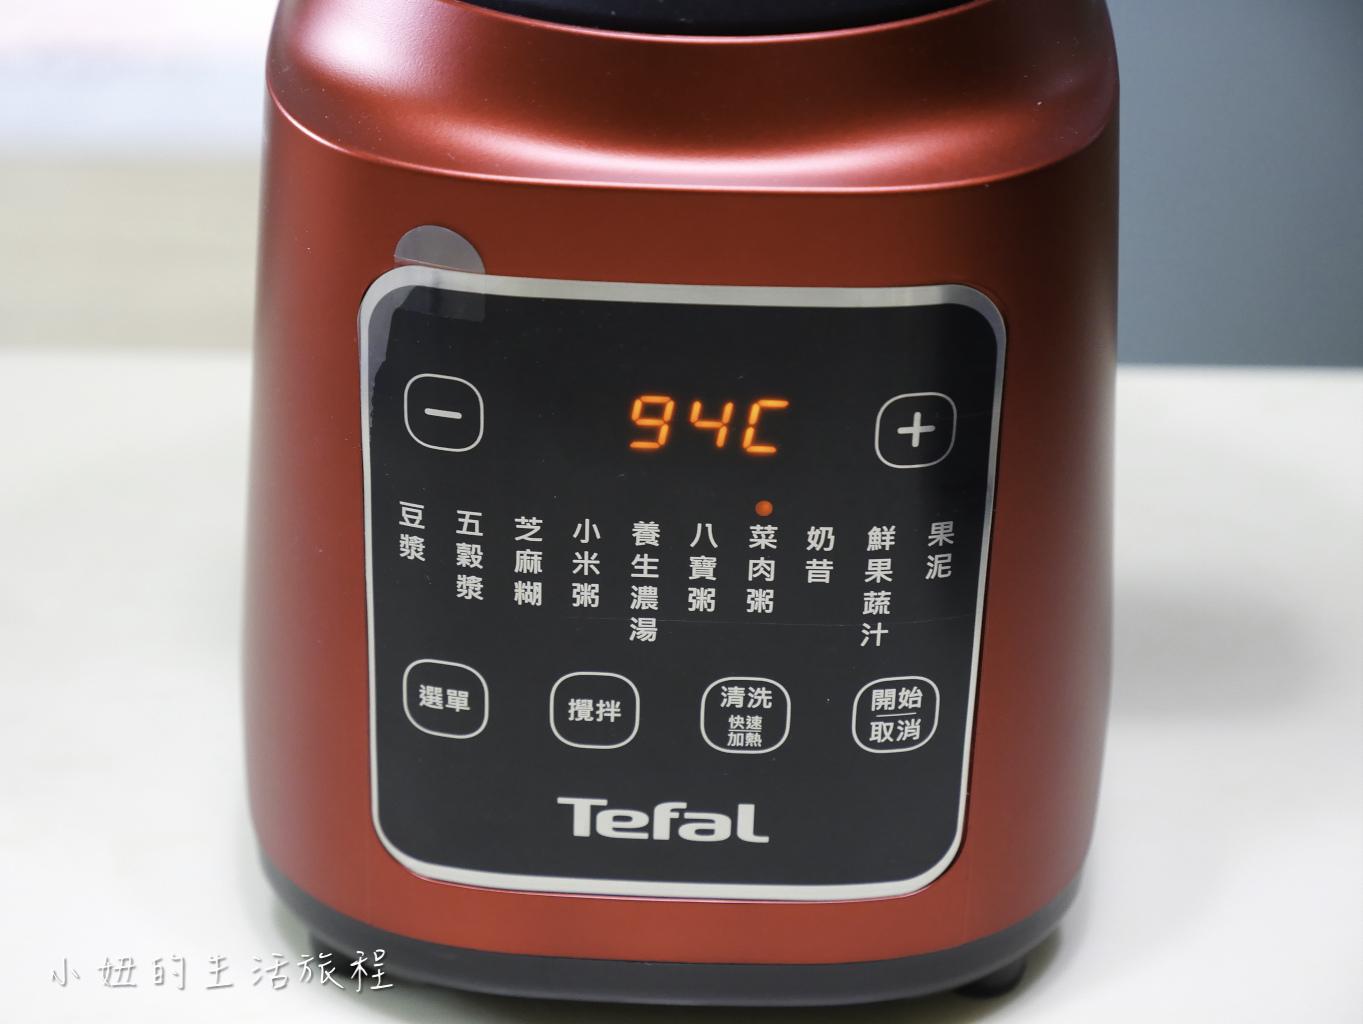 Tefal法國特福高速熱能營養調理機-32.jpg